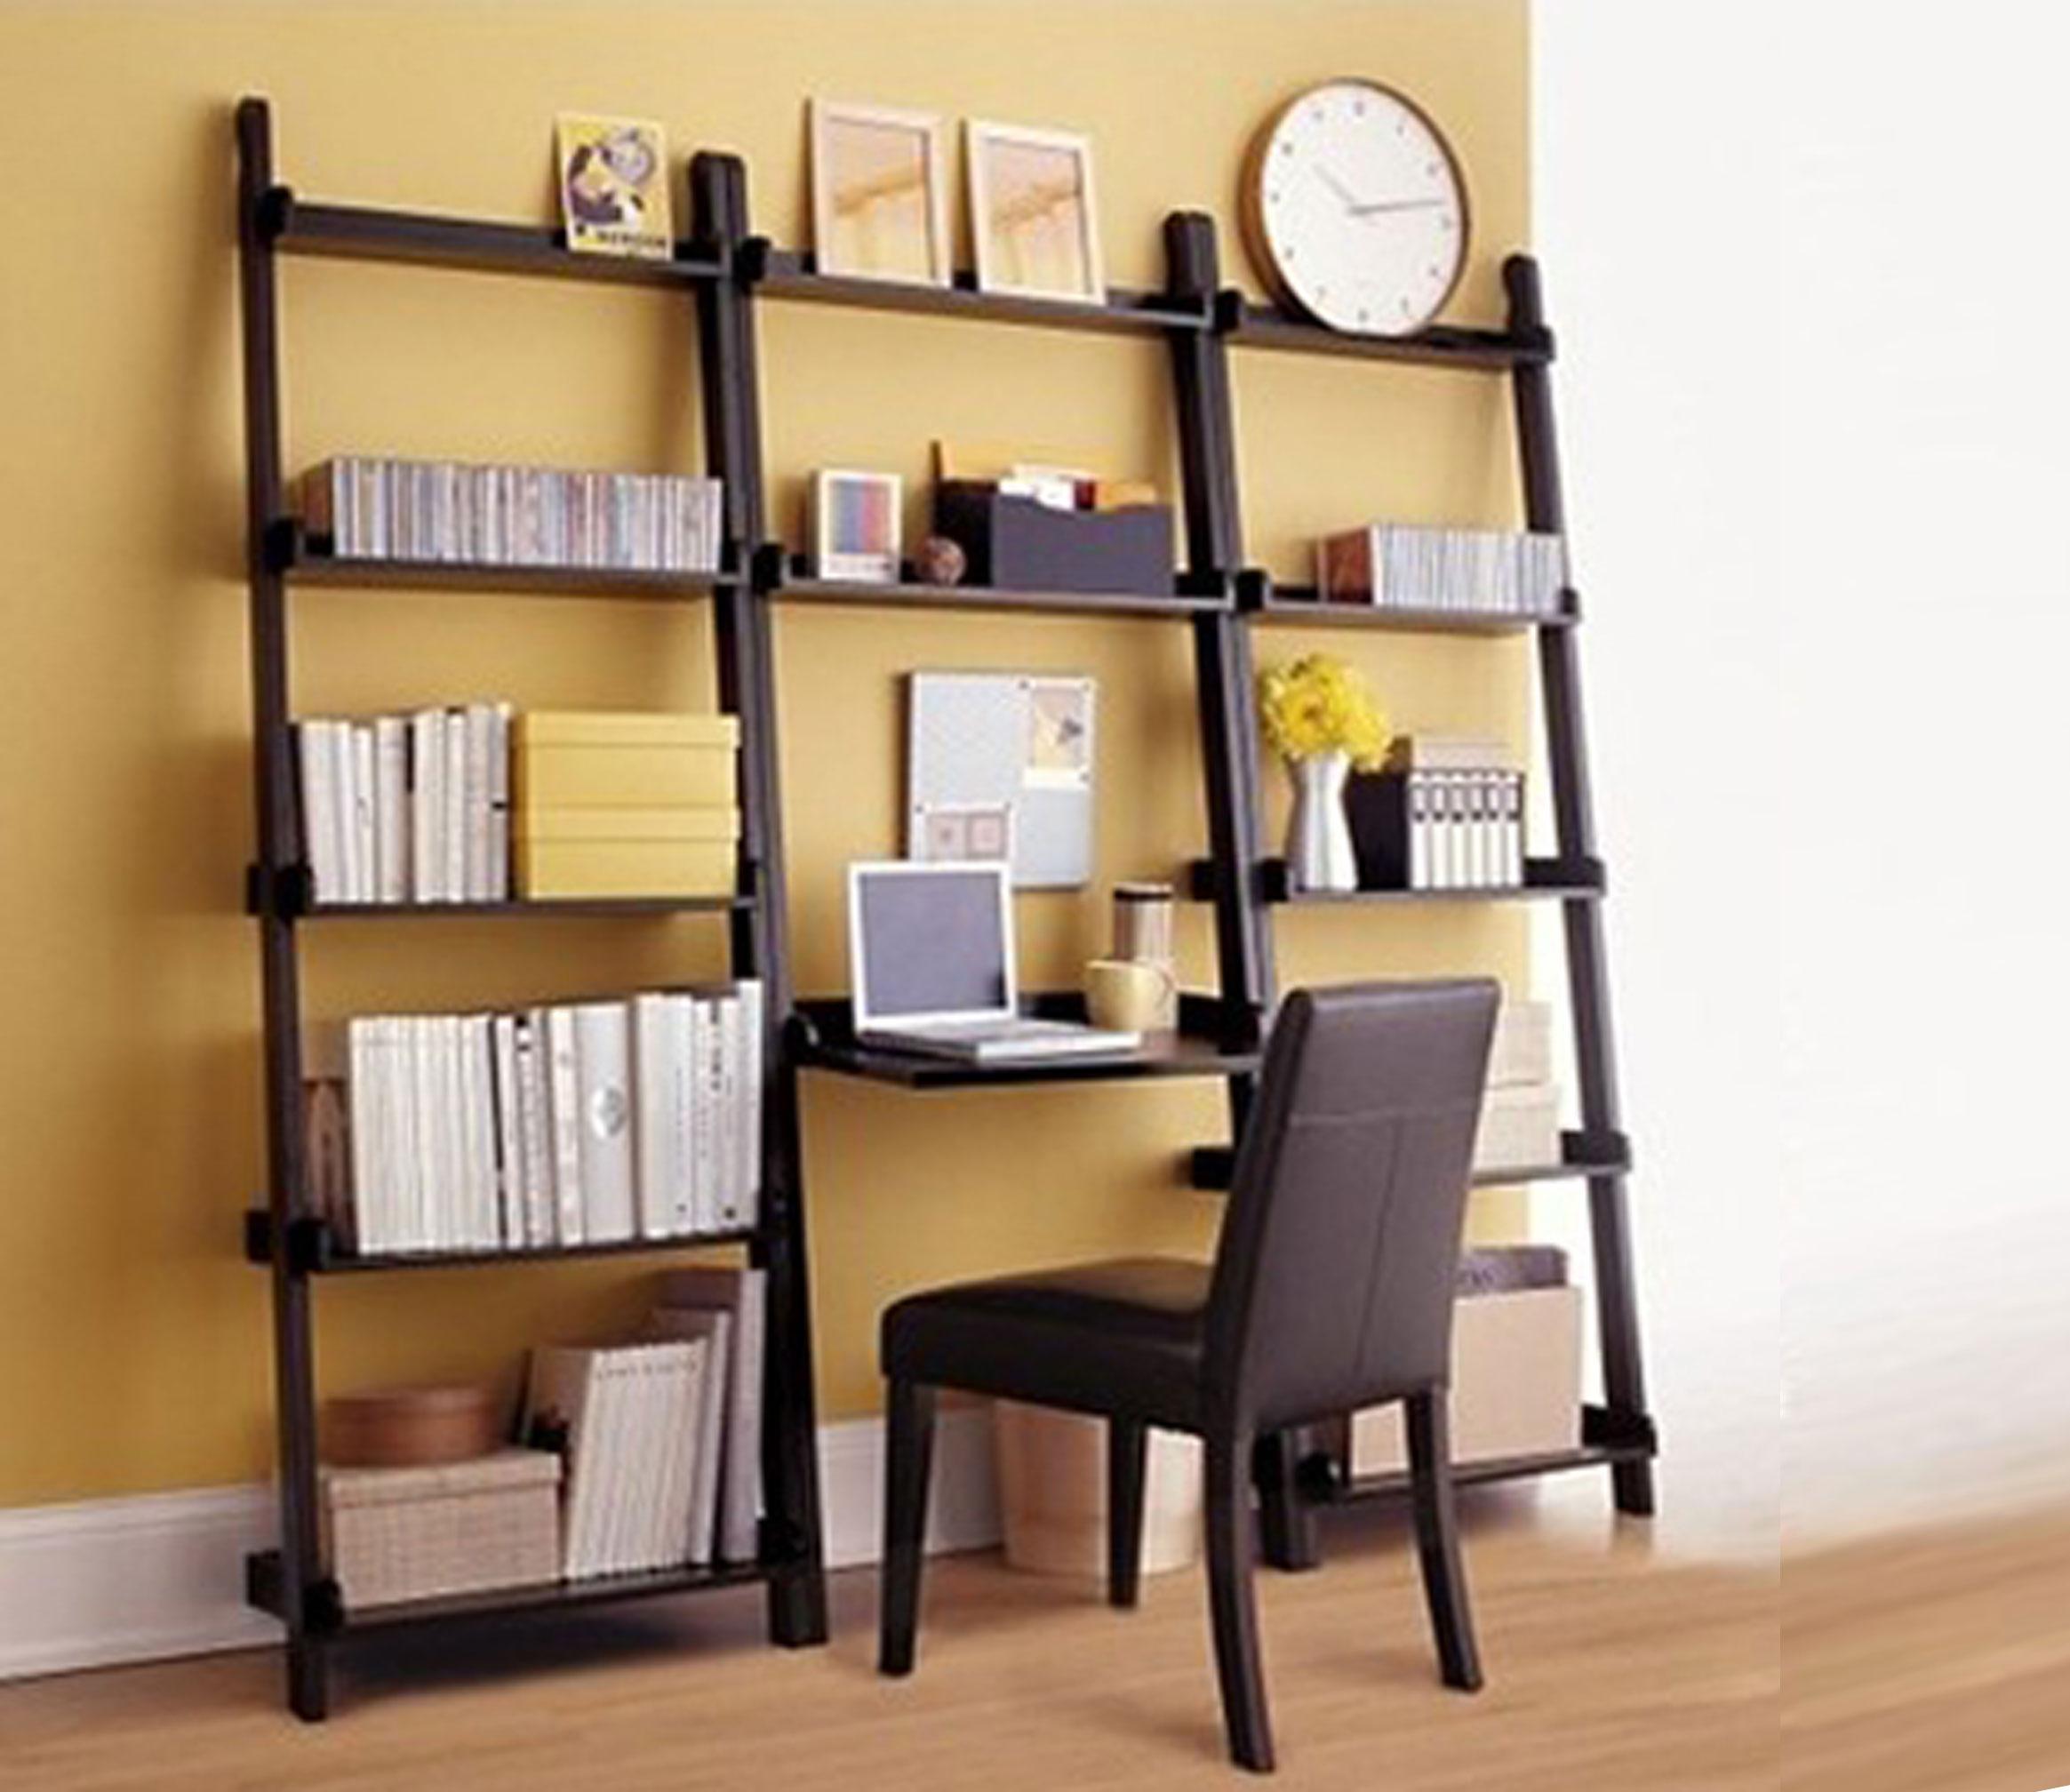 Librerie componibili e moderne in legno per casa e ufficio - Scalette per librerie ...